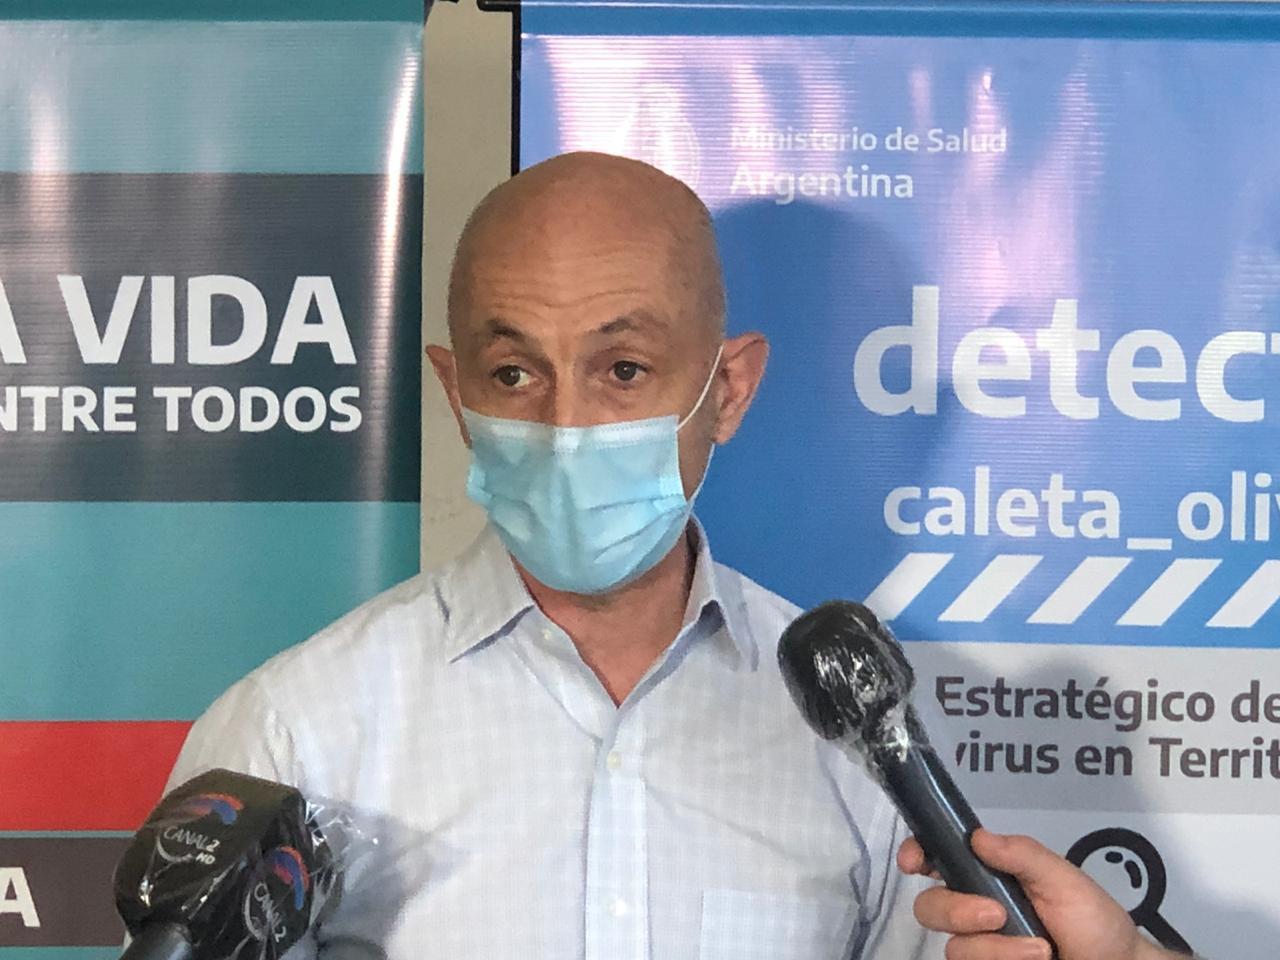 Cotillo sostuvo que es muy probable que Caleta Olivia sea declarada en aislamiento antes del 11 de octubre